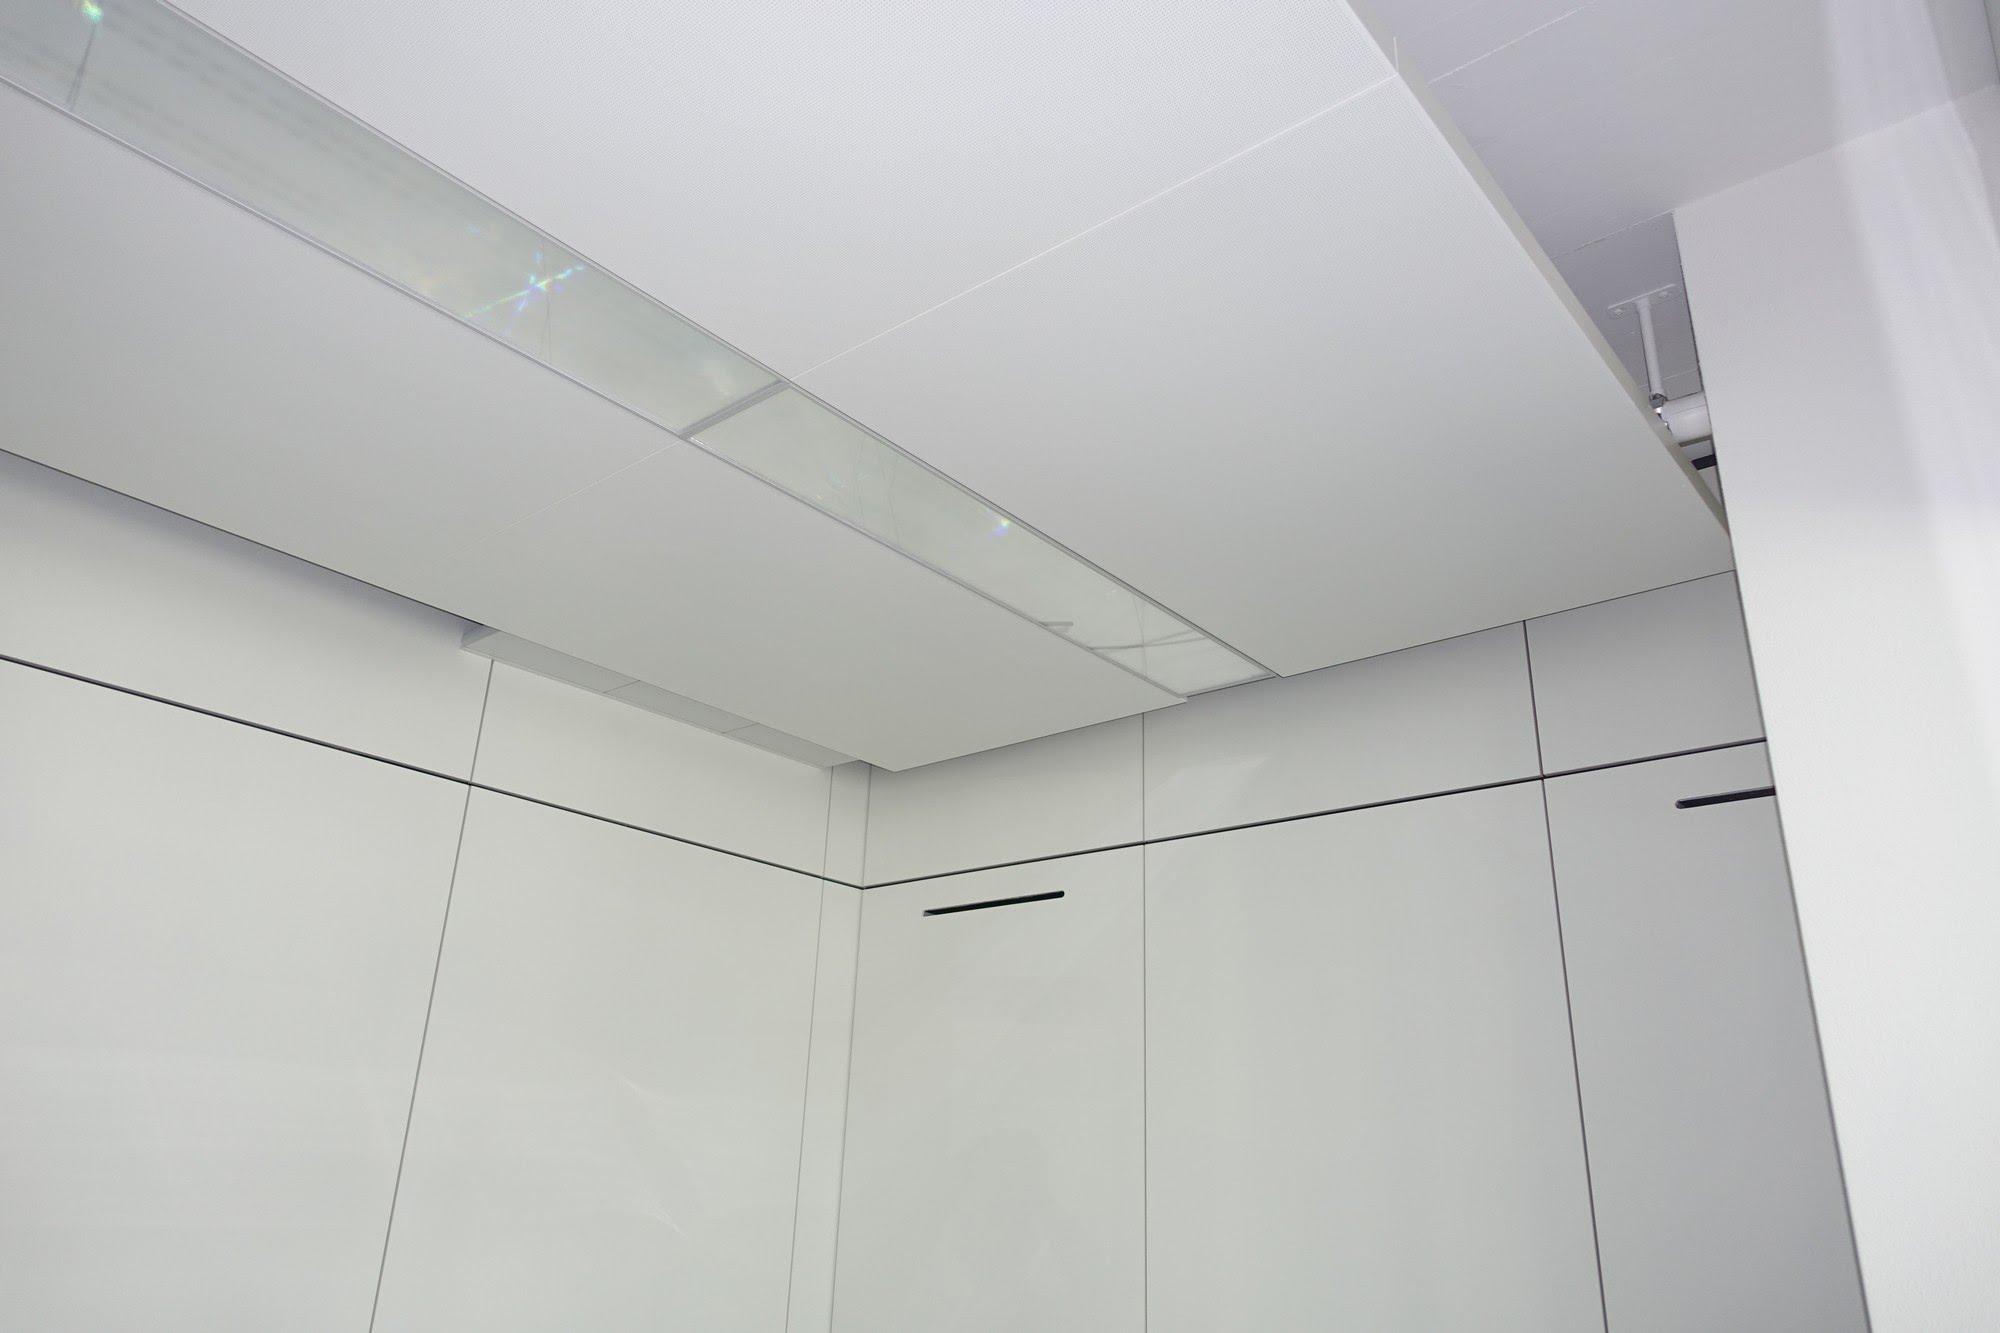 Deckenverkleidungen,Kühl/-Heizdecken,Metalldecken,Akustik- / Schallschutzdecken,Novaflex - Bürotrennwand,Streckmetalldecken,Allianz Versicherungen AG,Deckensystem-Wandsysteme,Trennwände Büro,Ganzglaswände,Bürotrennwand,Akustikdecken,Schallschutzdecken,Trennwände,Glaswände,Faltwände,Raumgestaltung,Trennwand Systeme